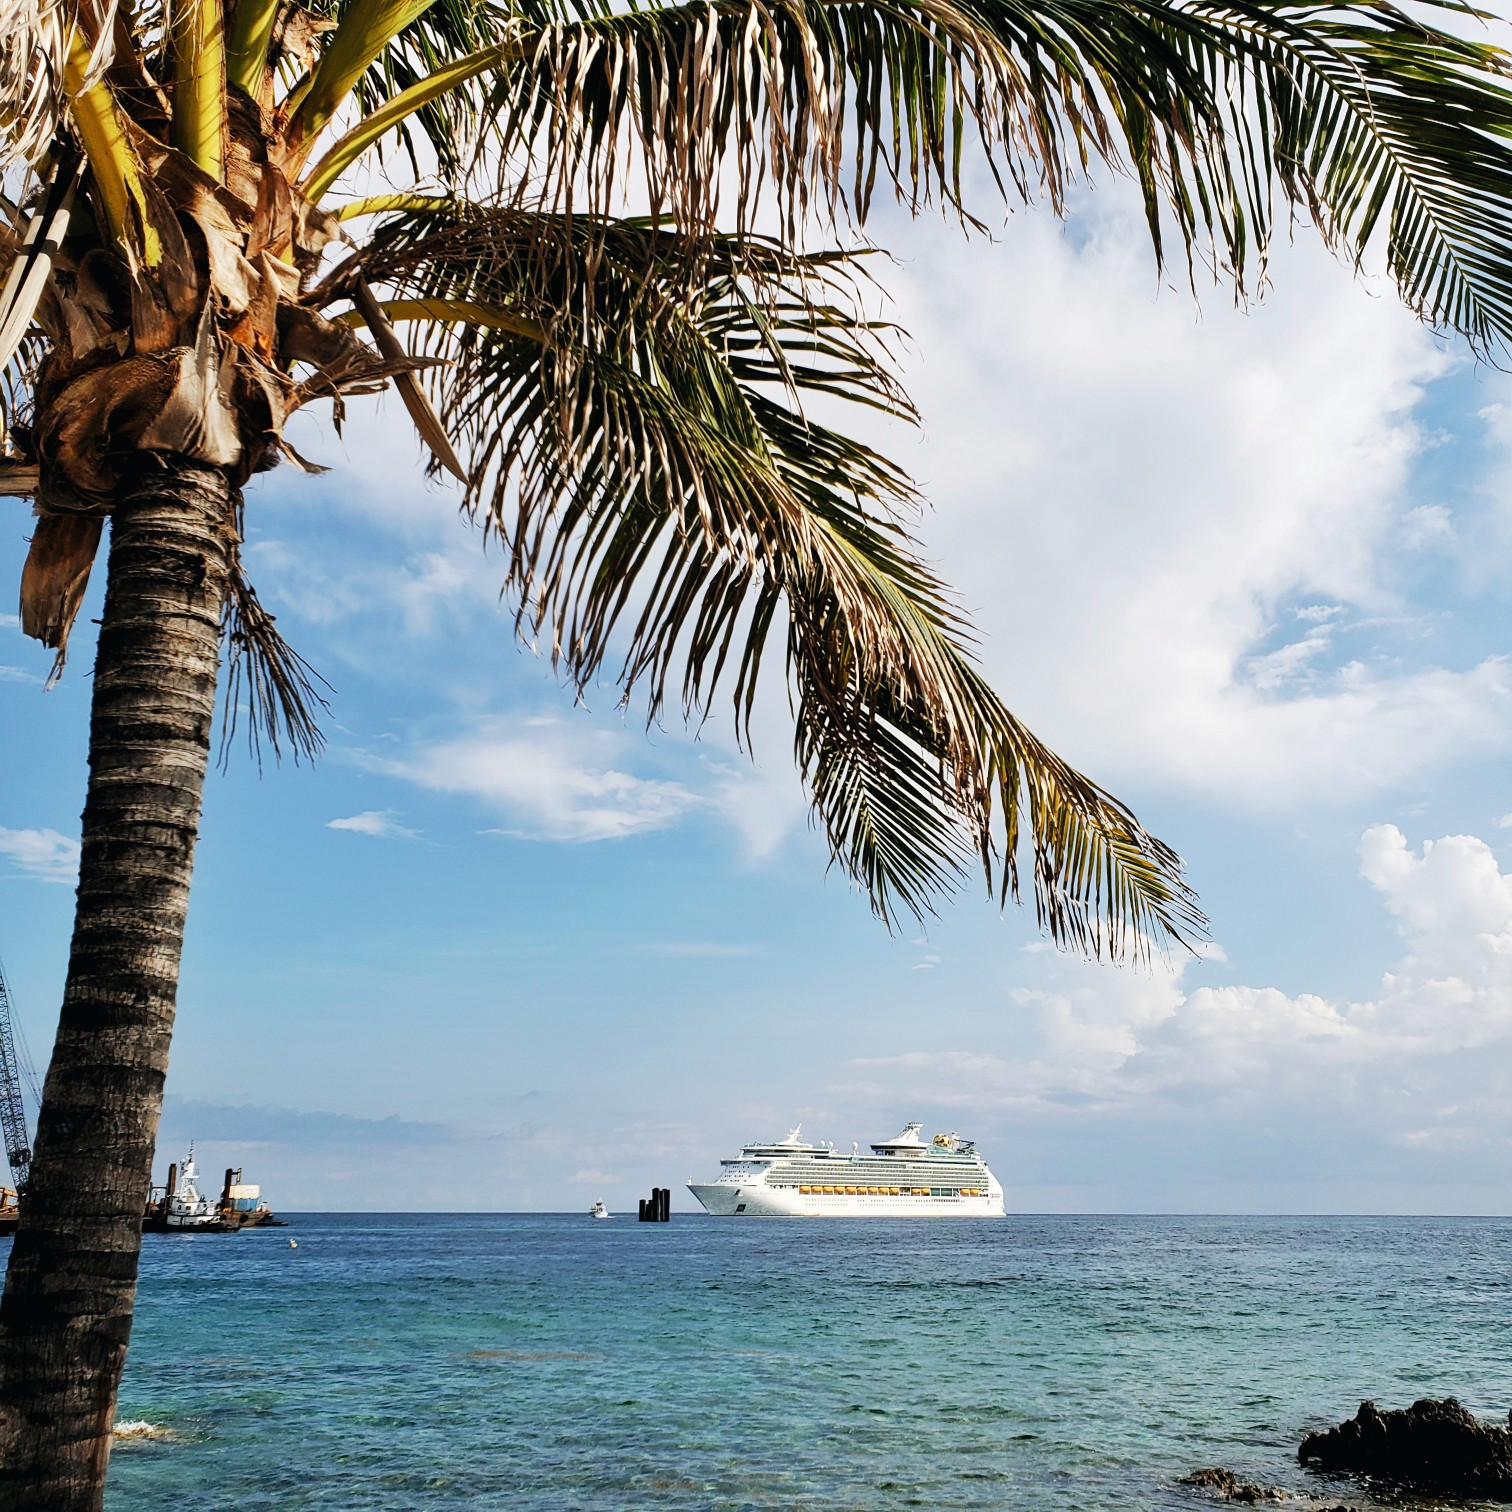 Royal Caribbean Mariner of the seas near Cococay Island Bahamas